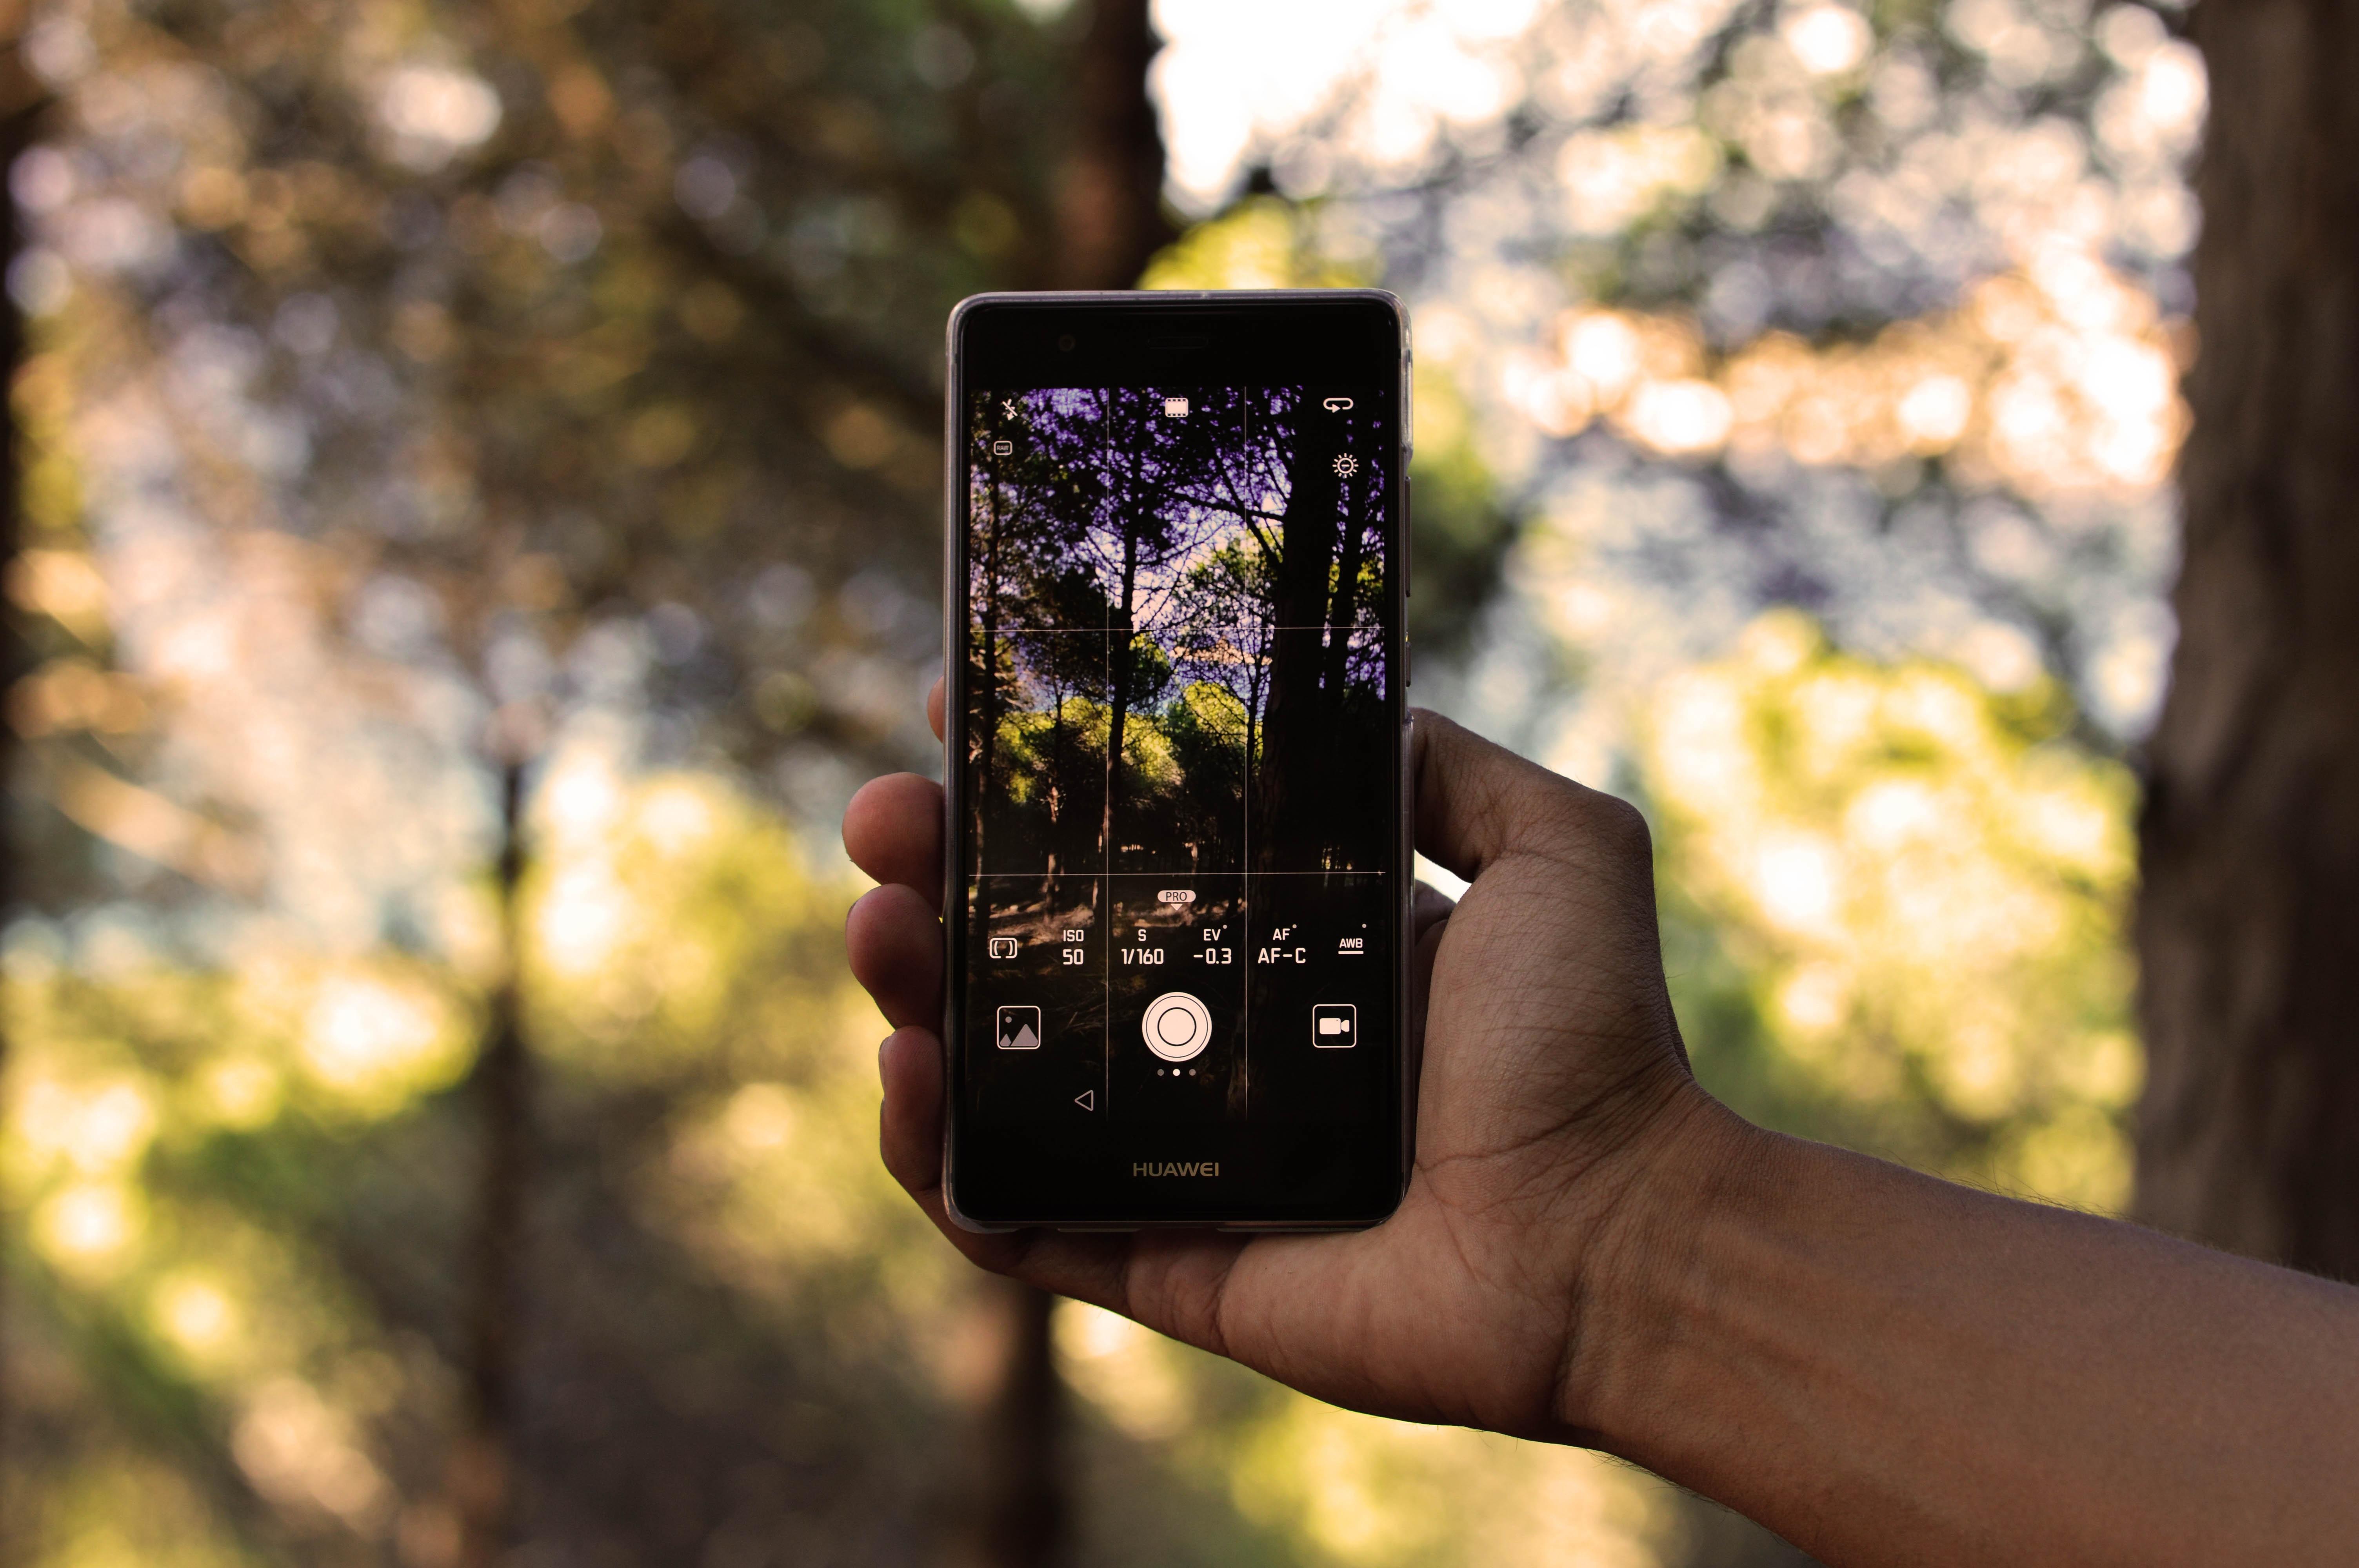 почему получаются темные фотографии на смартфоне половинка есть